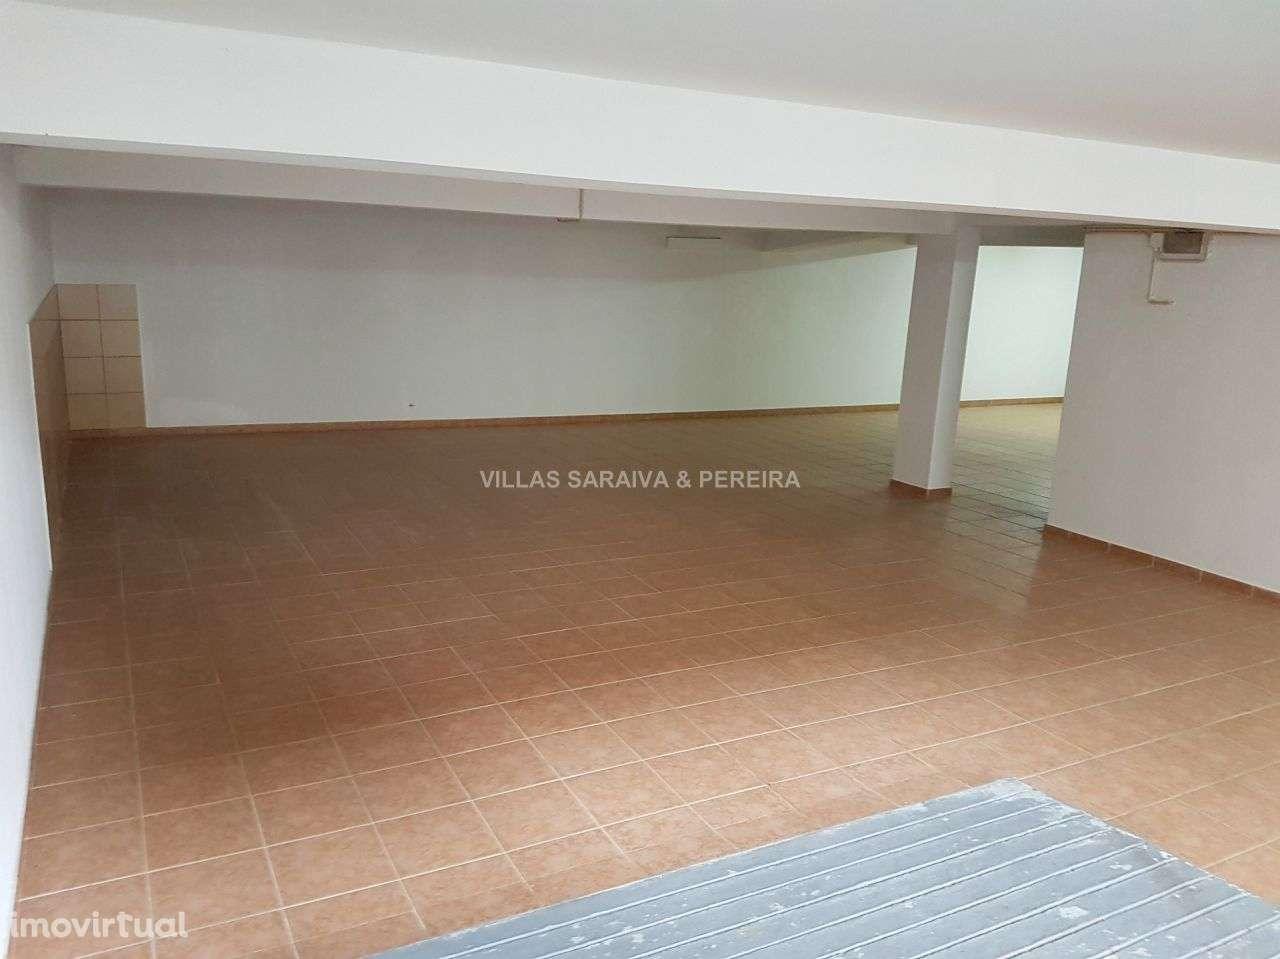 Garagem para comprar, Olhão, Faro - Foto 2